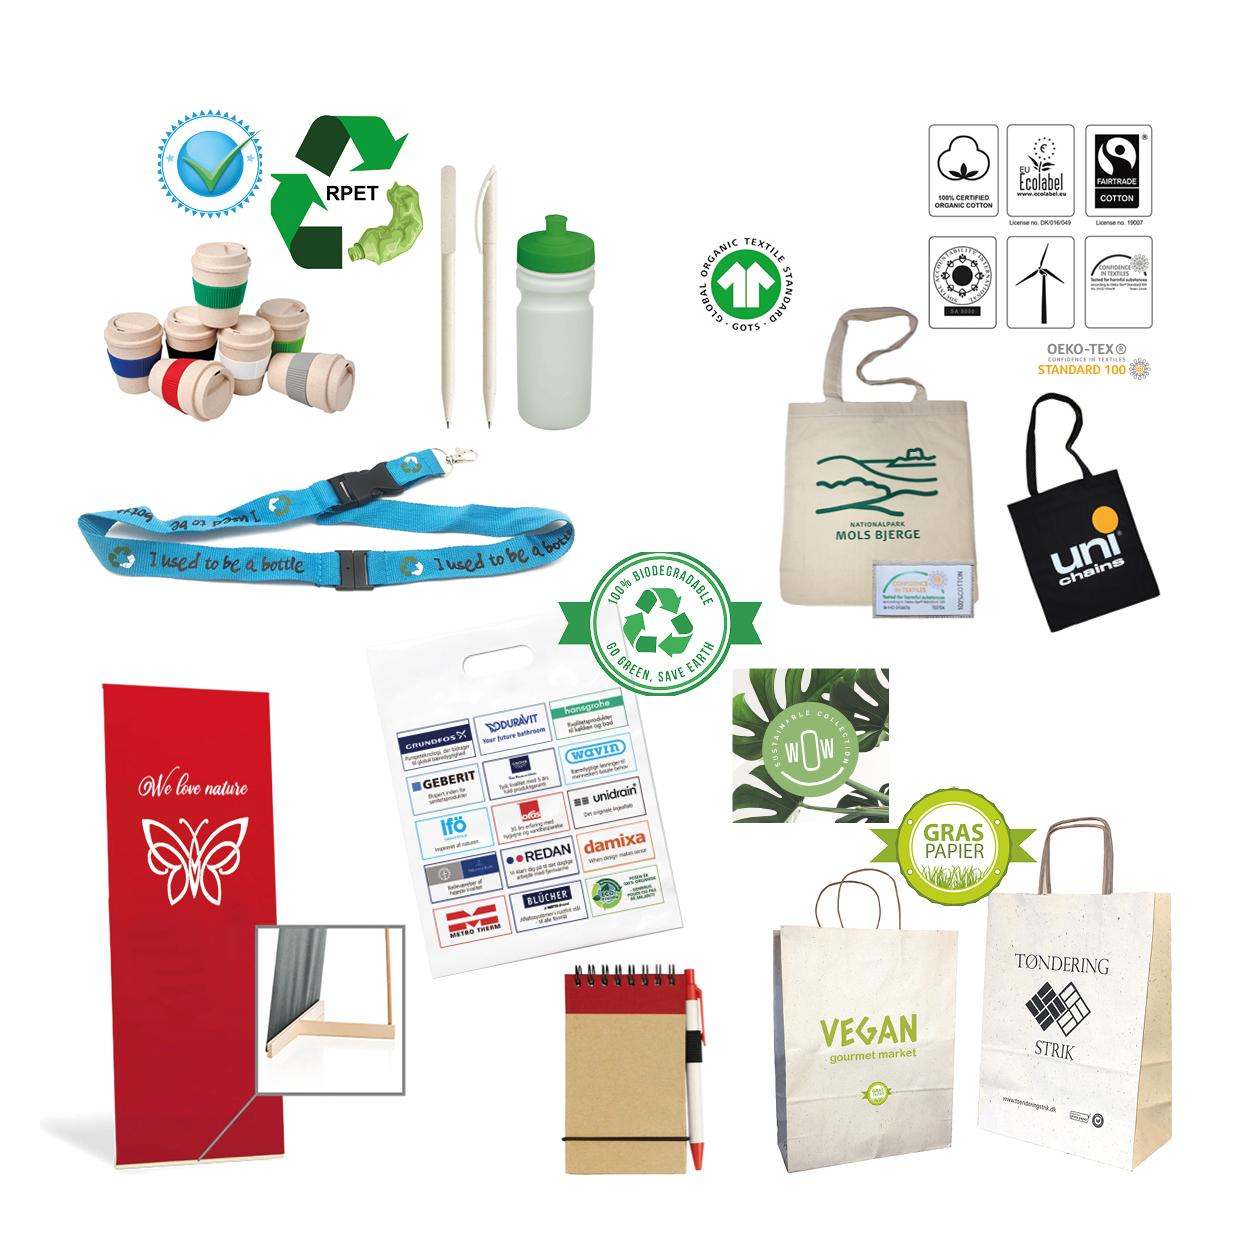 Miljørigtige produkter med eget logotryk. BetterGoGreen.dk